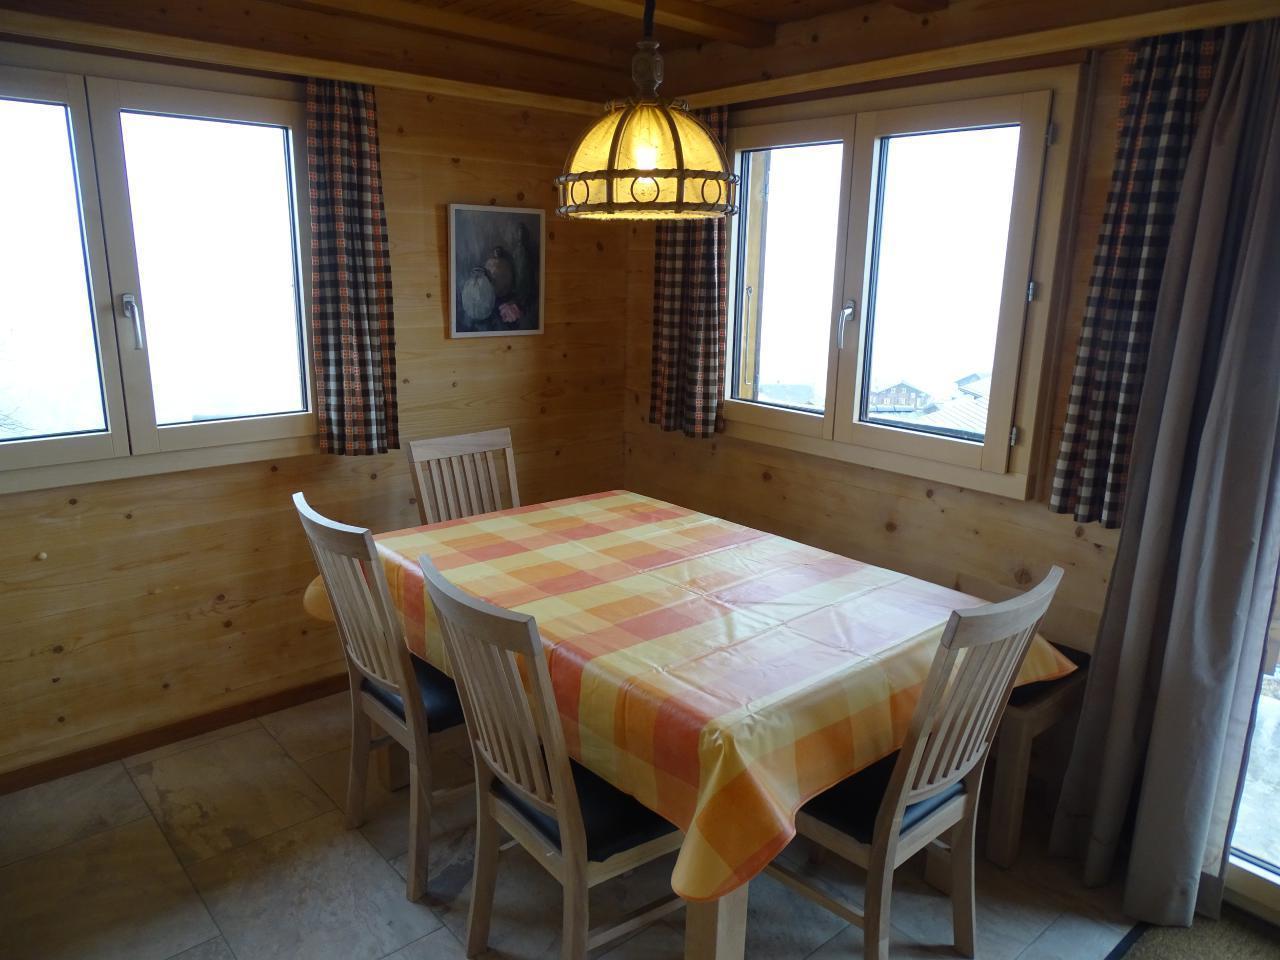 Appartement de vacances Chalet Stefanino, 3 1/2 Zimmer (487097), Bellwald, Aletsch - Conches, Valais, Suisse, image 9